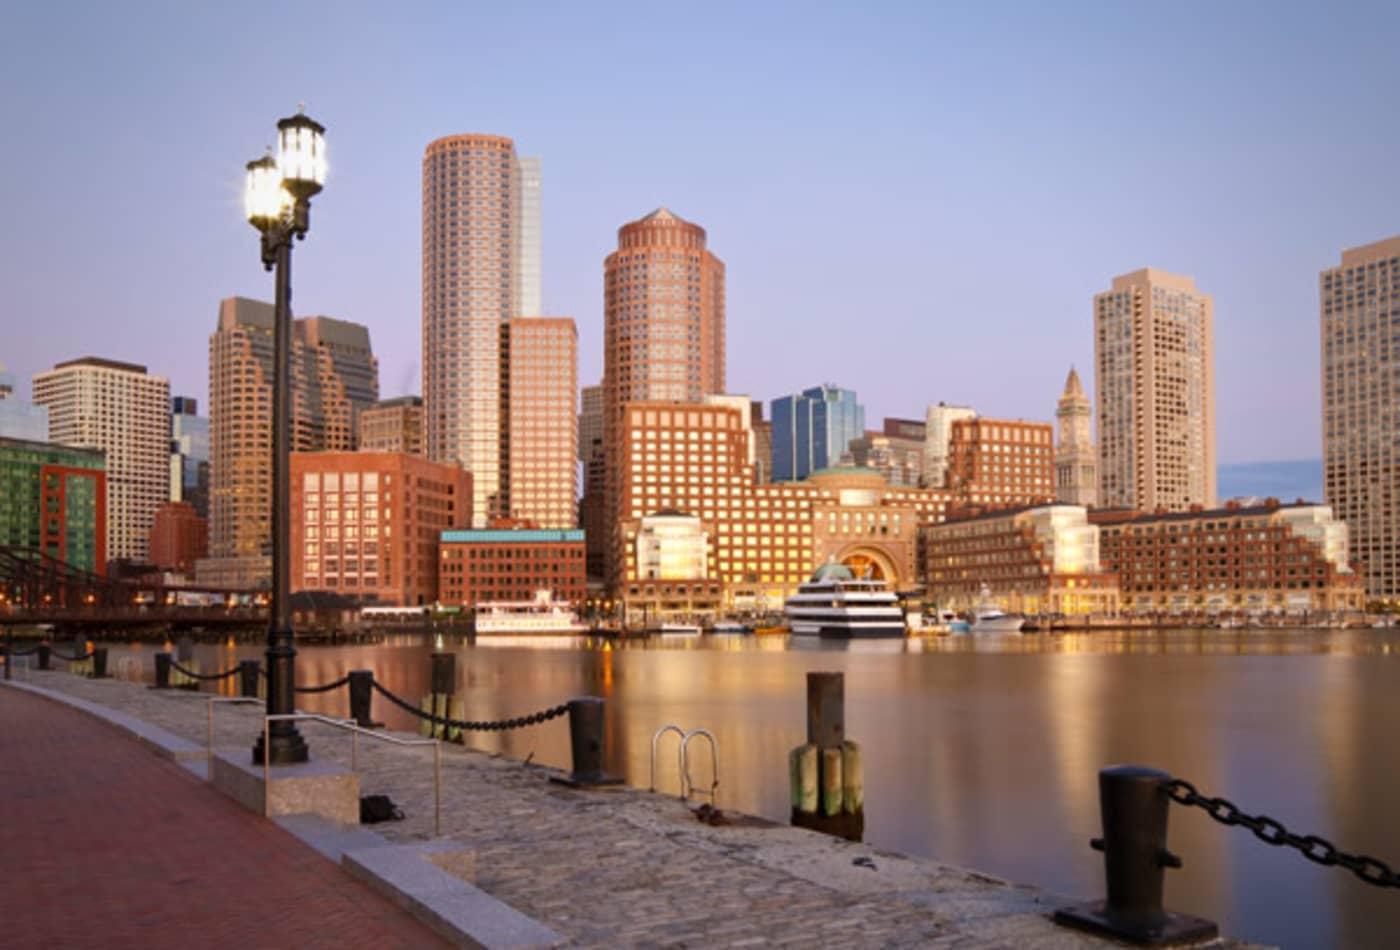 SS_Top_State_For_Innovation_Massachusetts.jpg